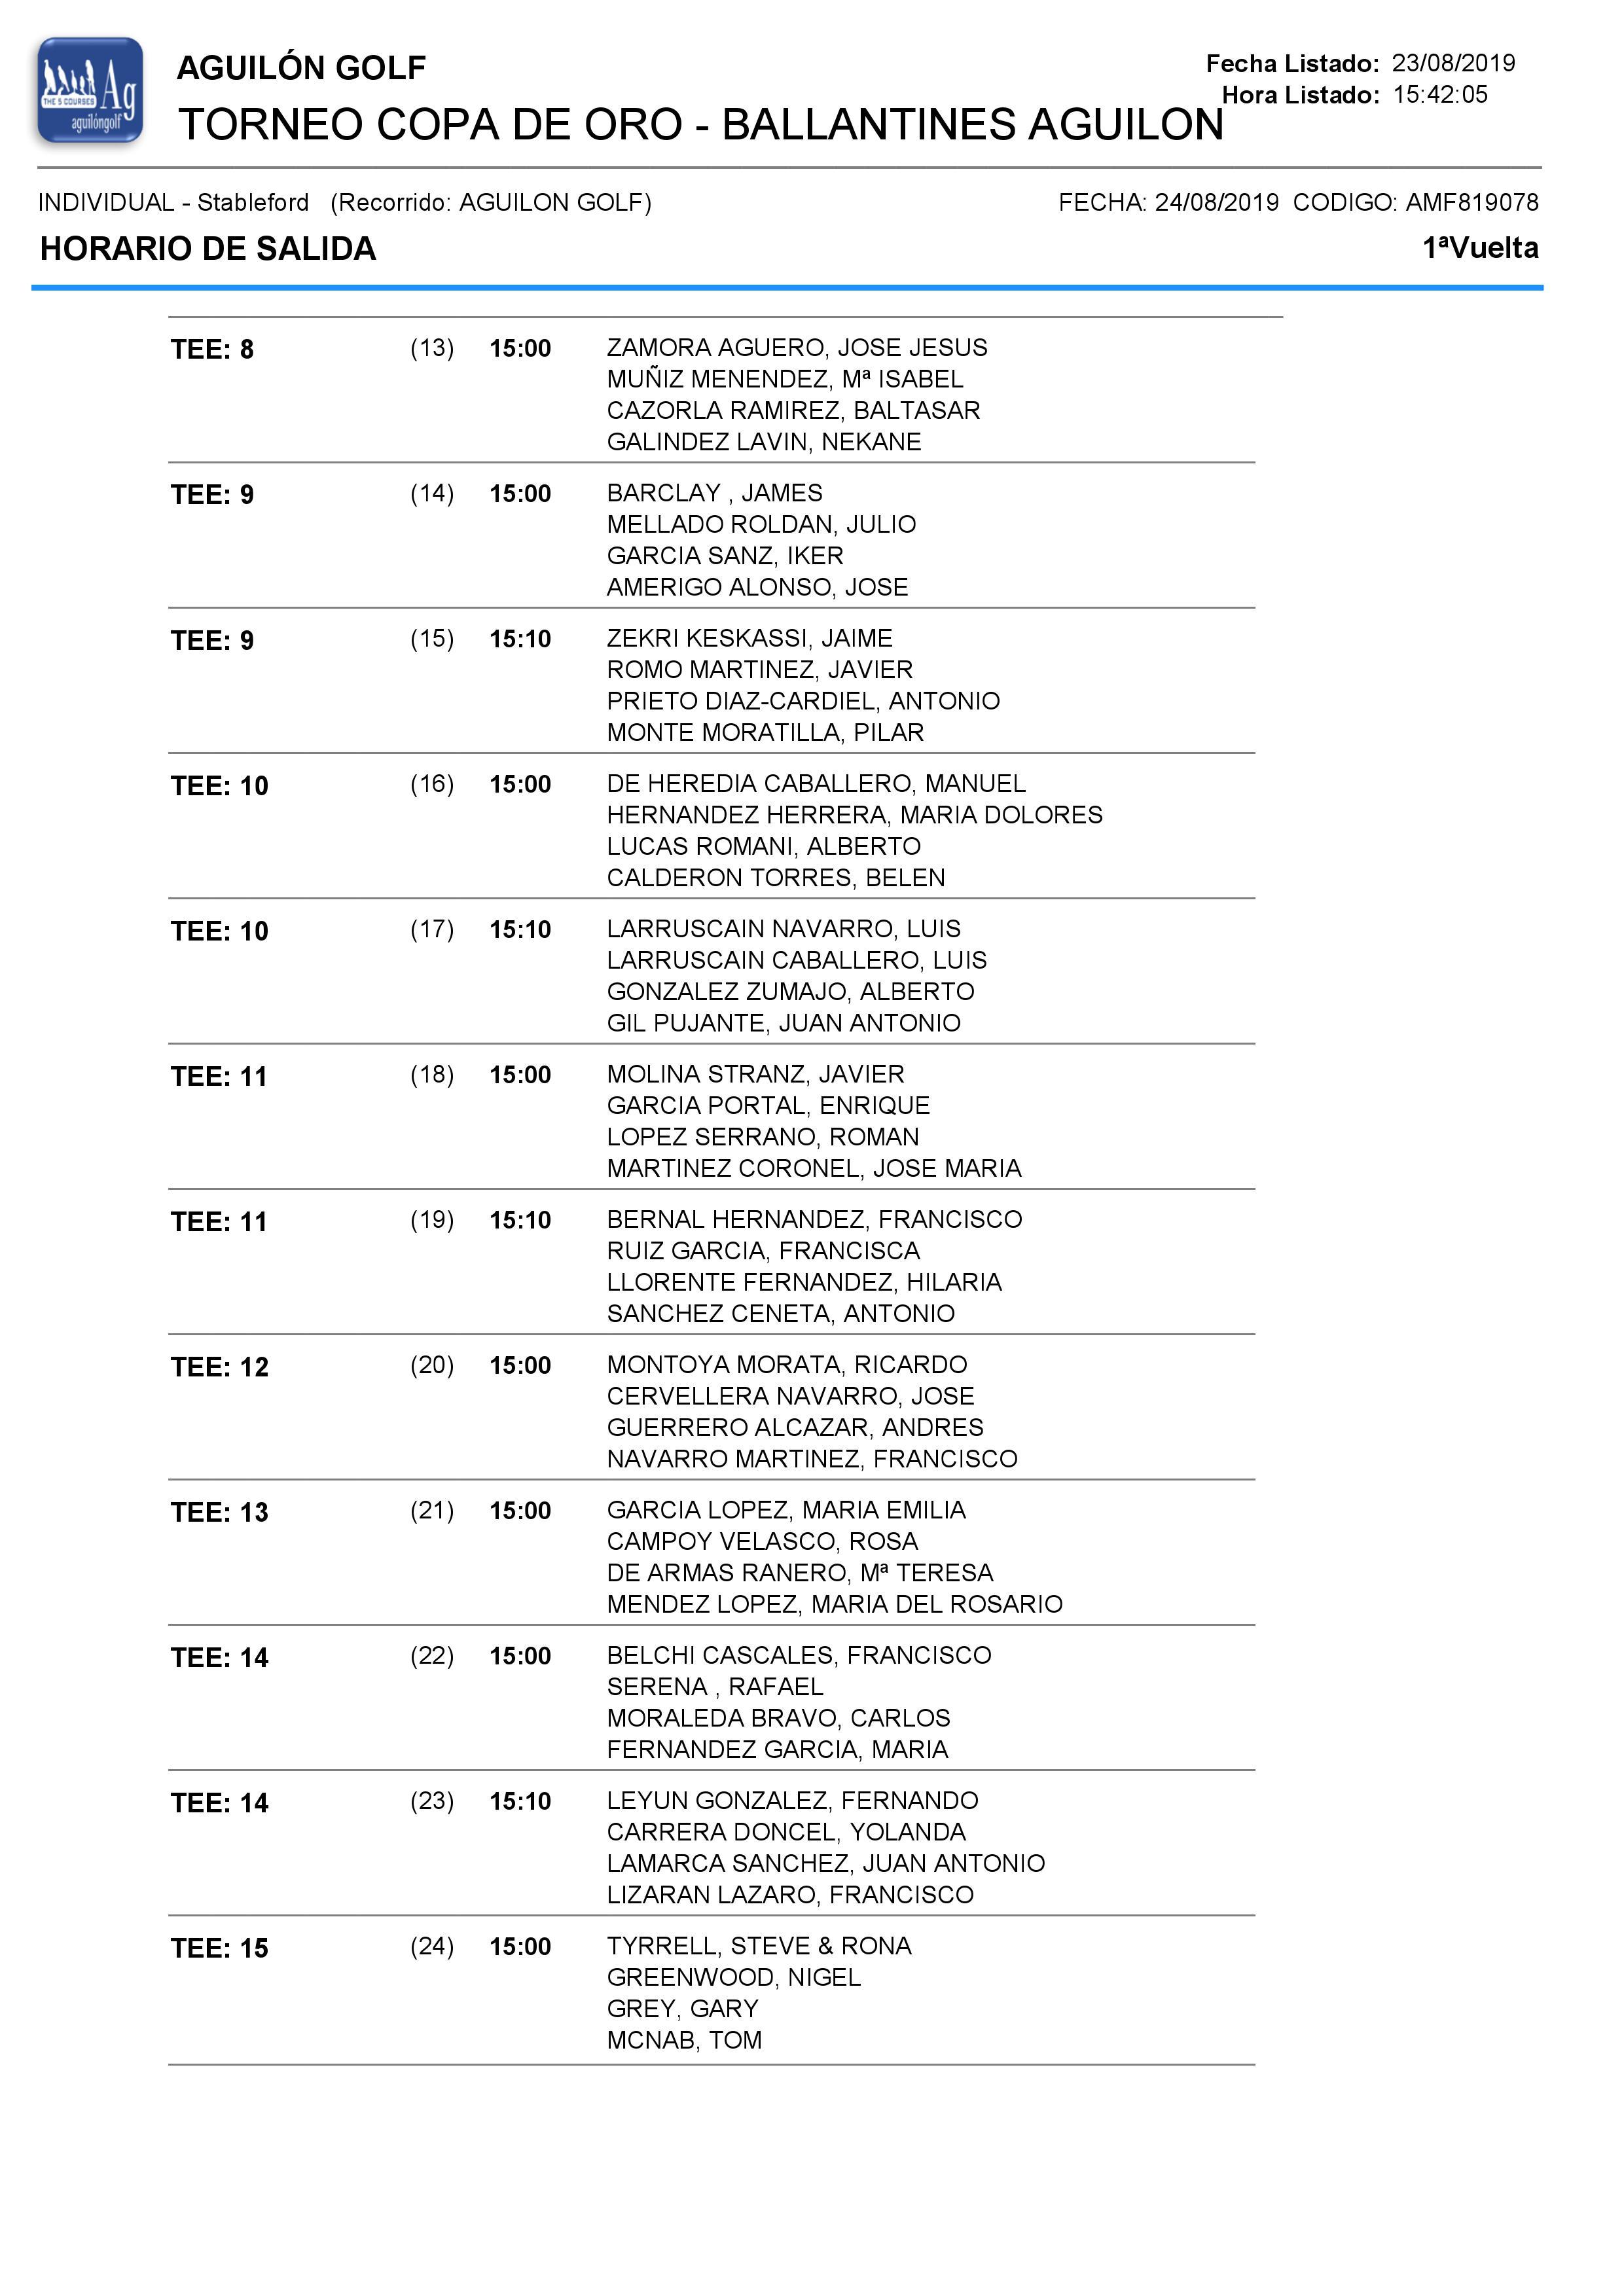 190824 AGU, Horario de salidas (2)